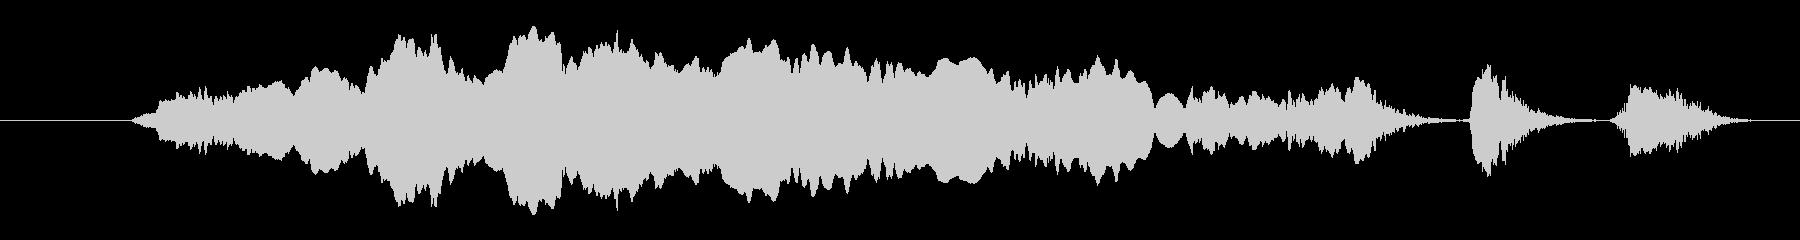 大型犬:声が長く、犬の未再生の波形